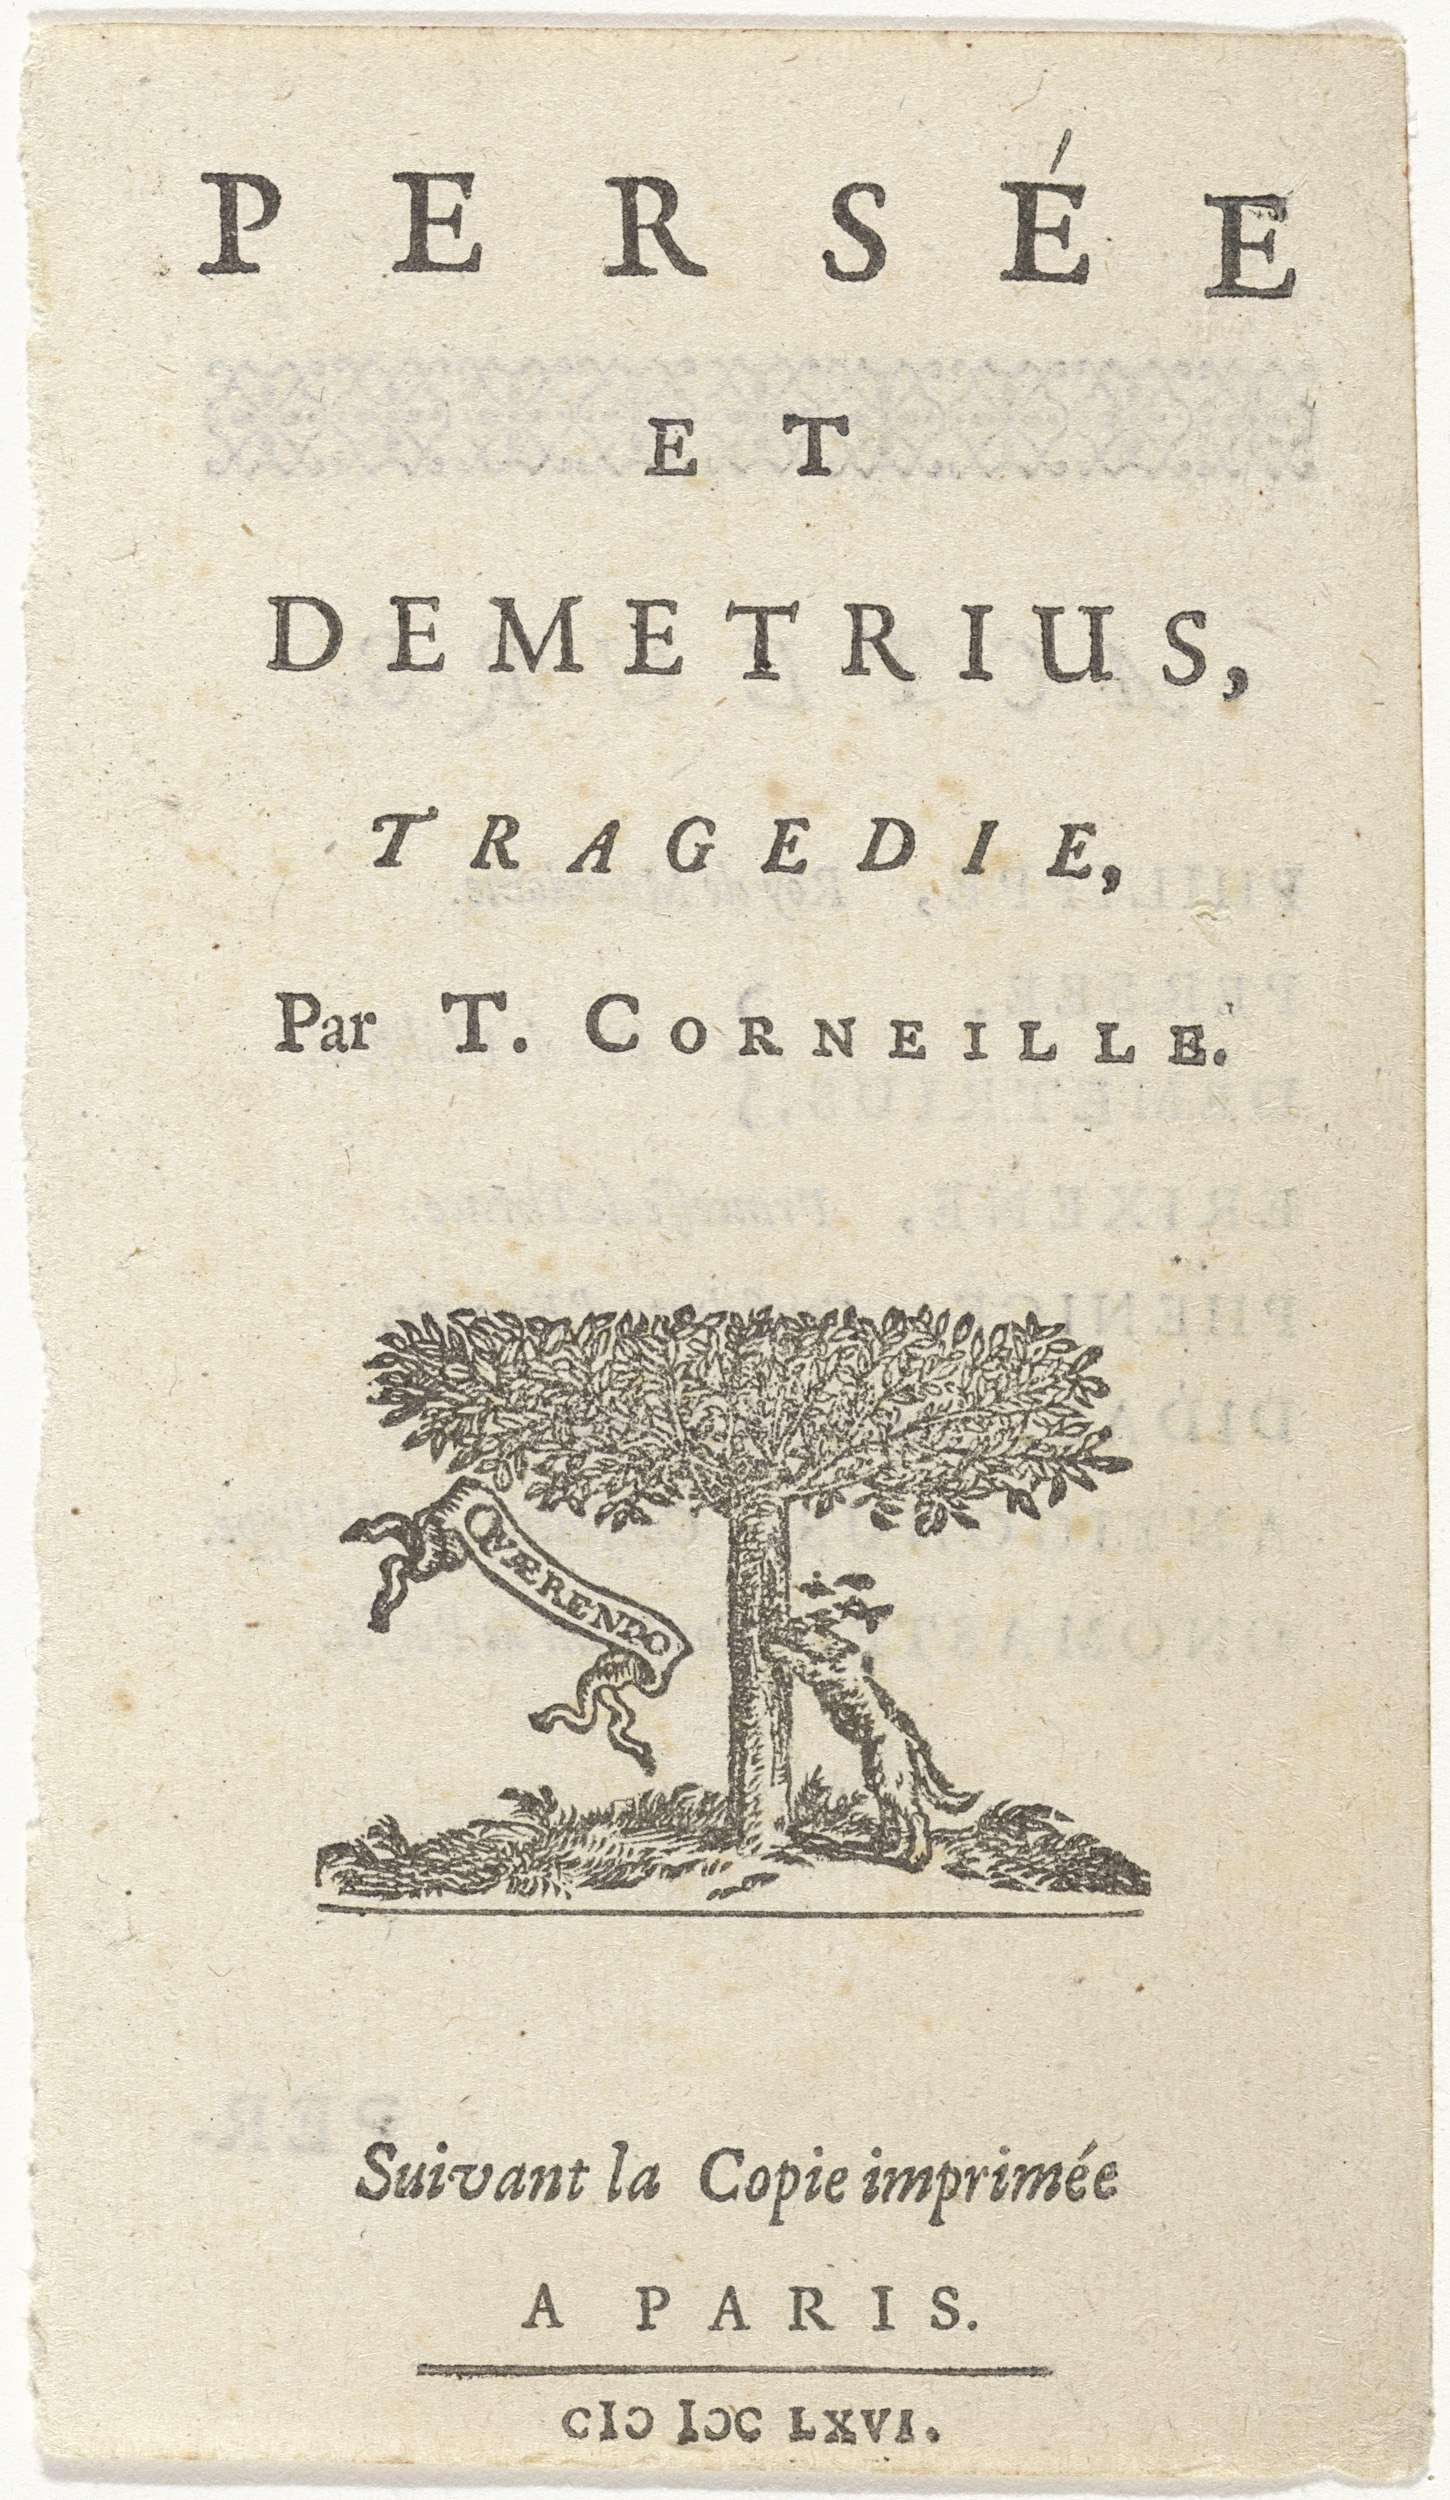 Anonymous | Hond zoekt in de stam van een boom, Anonymous, Abraham Wolfgang, 1666 | In het midden staat een hond rechtop tegen een boom. Hij zoekt iets in het gat van de boom. Links de Latijnse vertaling van 'al zoekend' op een spreukband. Verso een tekstblad met de rollen van het stuk.